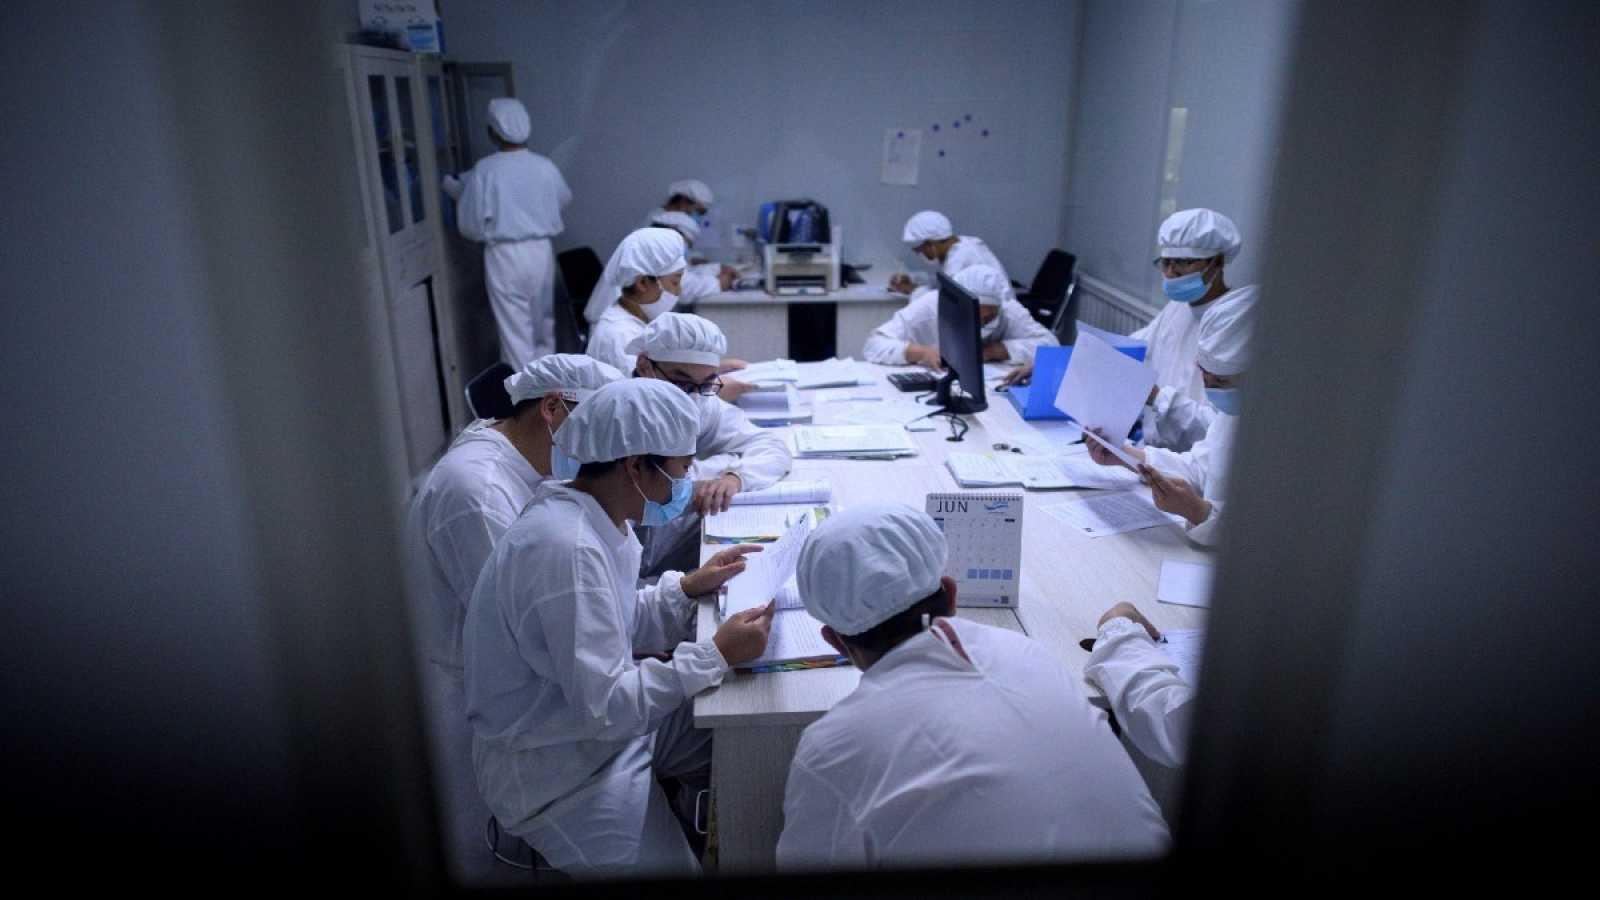 Los investigadores trabajan en un laboratorio de la empresa Yisheng Biopharma en Shenyang, en la provincia de Liaoning, al noreste de China. La compañía es una de las muchas en China que están tratando de desarrollar una vacuna para el coronavirus CO